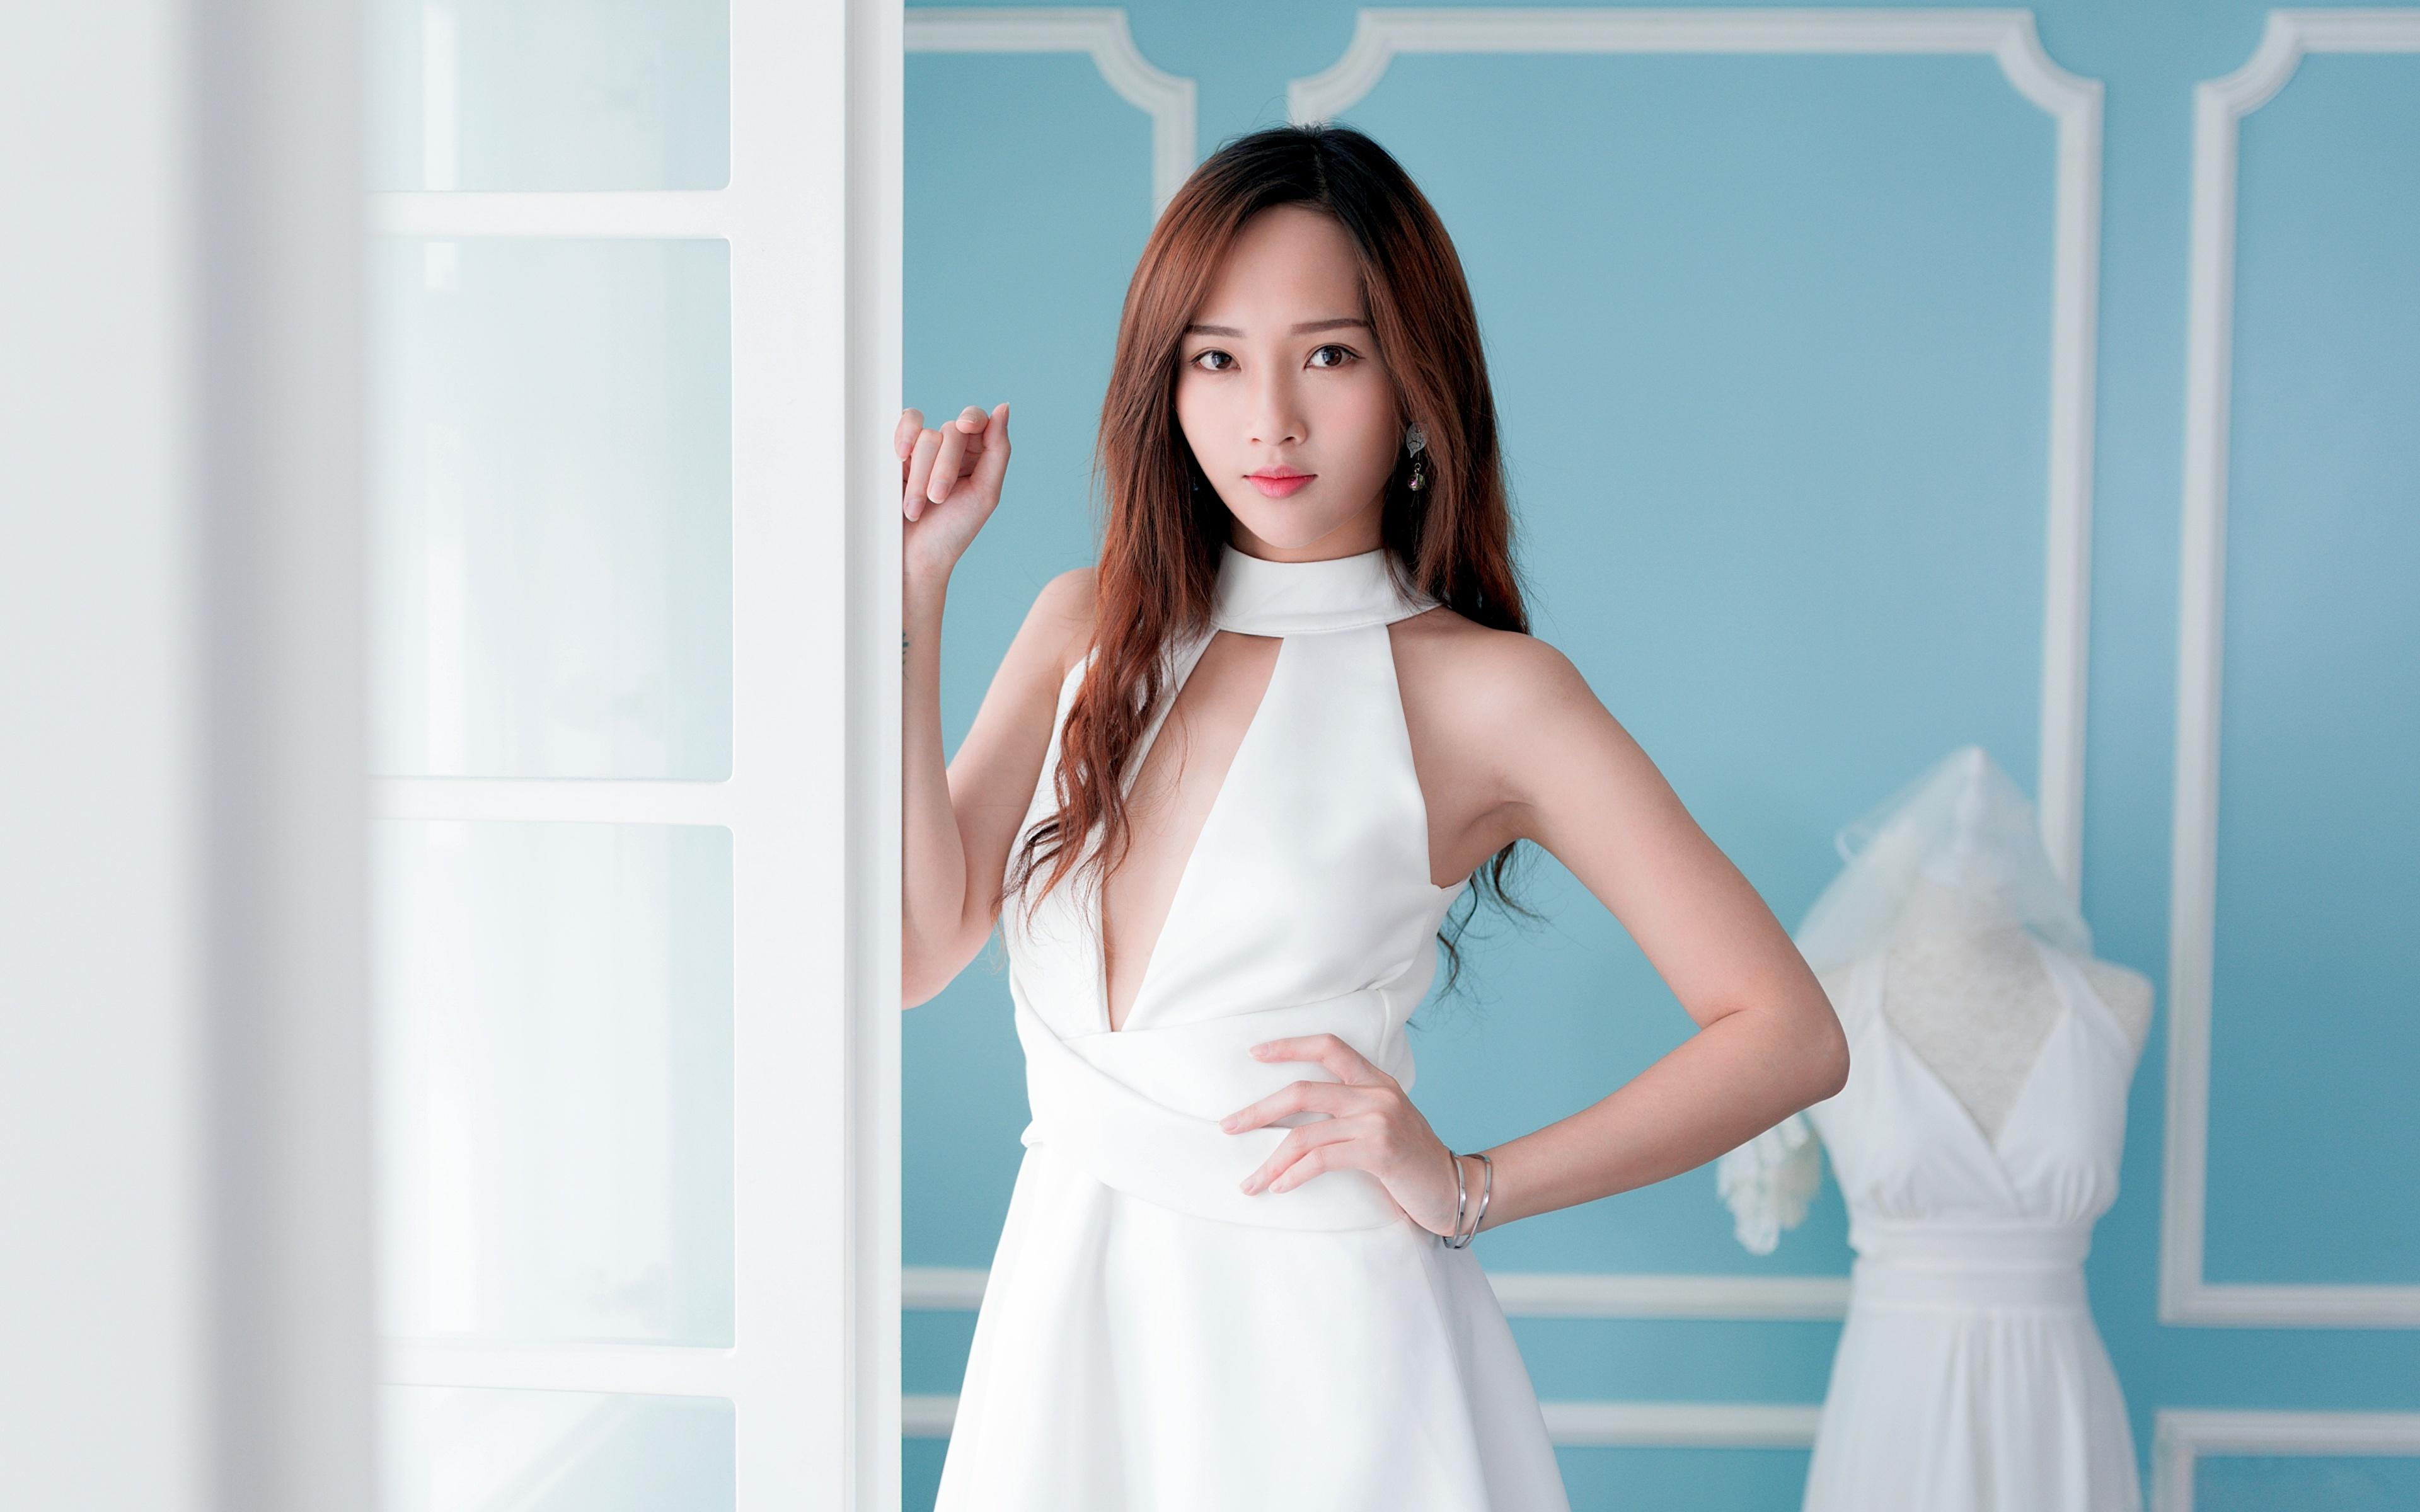 Tapeta dziewczyna z brązowymi włosami rozmazane tło młode kobiety azjatycka Ręce wzrok Sukienka 3840x2400 Szatenka brązowowłosa dziewczyna Bokeh dziewczyna Dziewczyny młoda kobieta Azjaci Spojrzenie